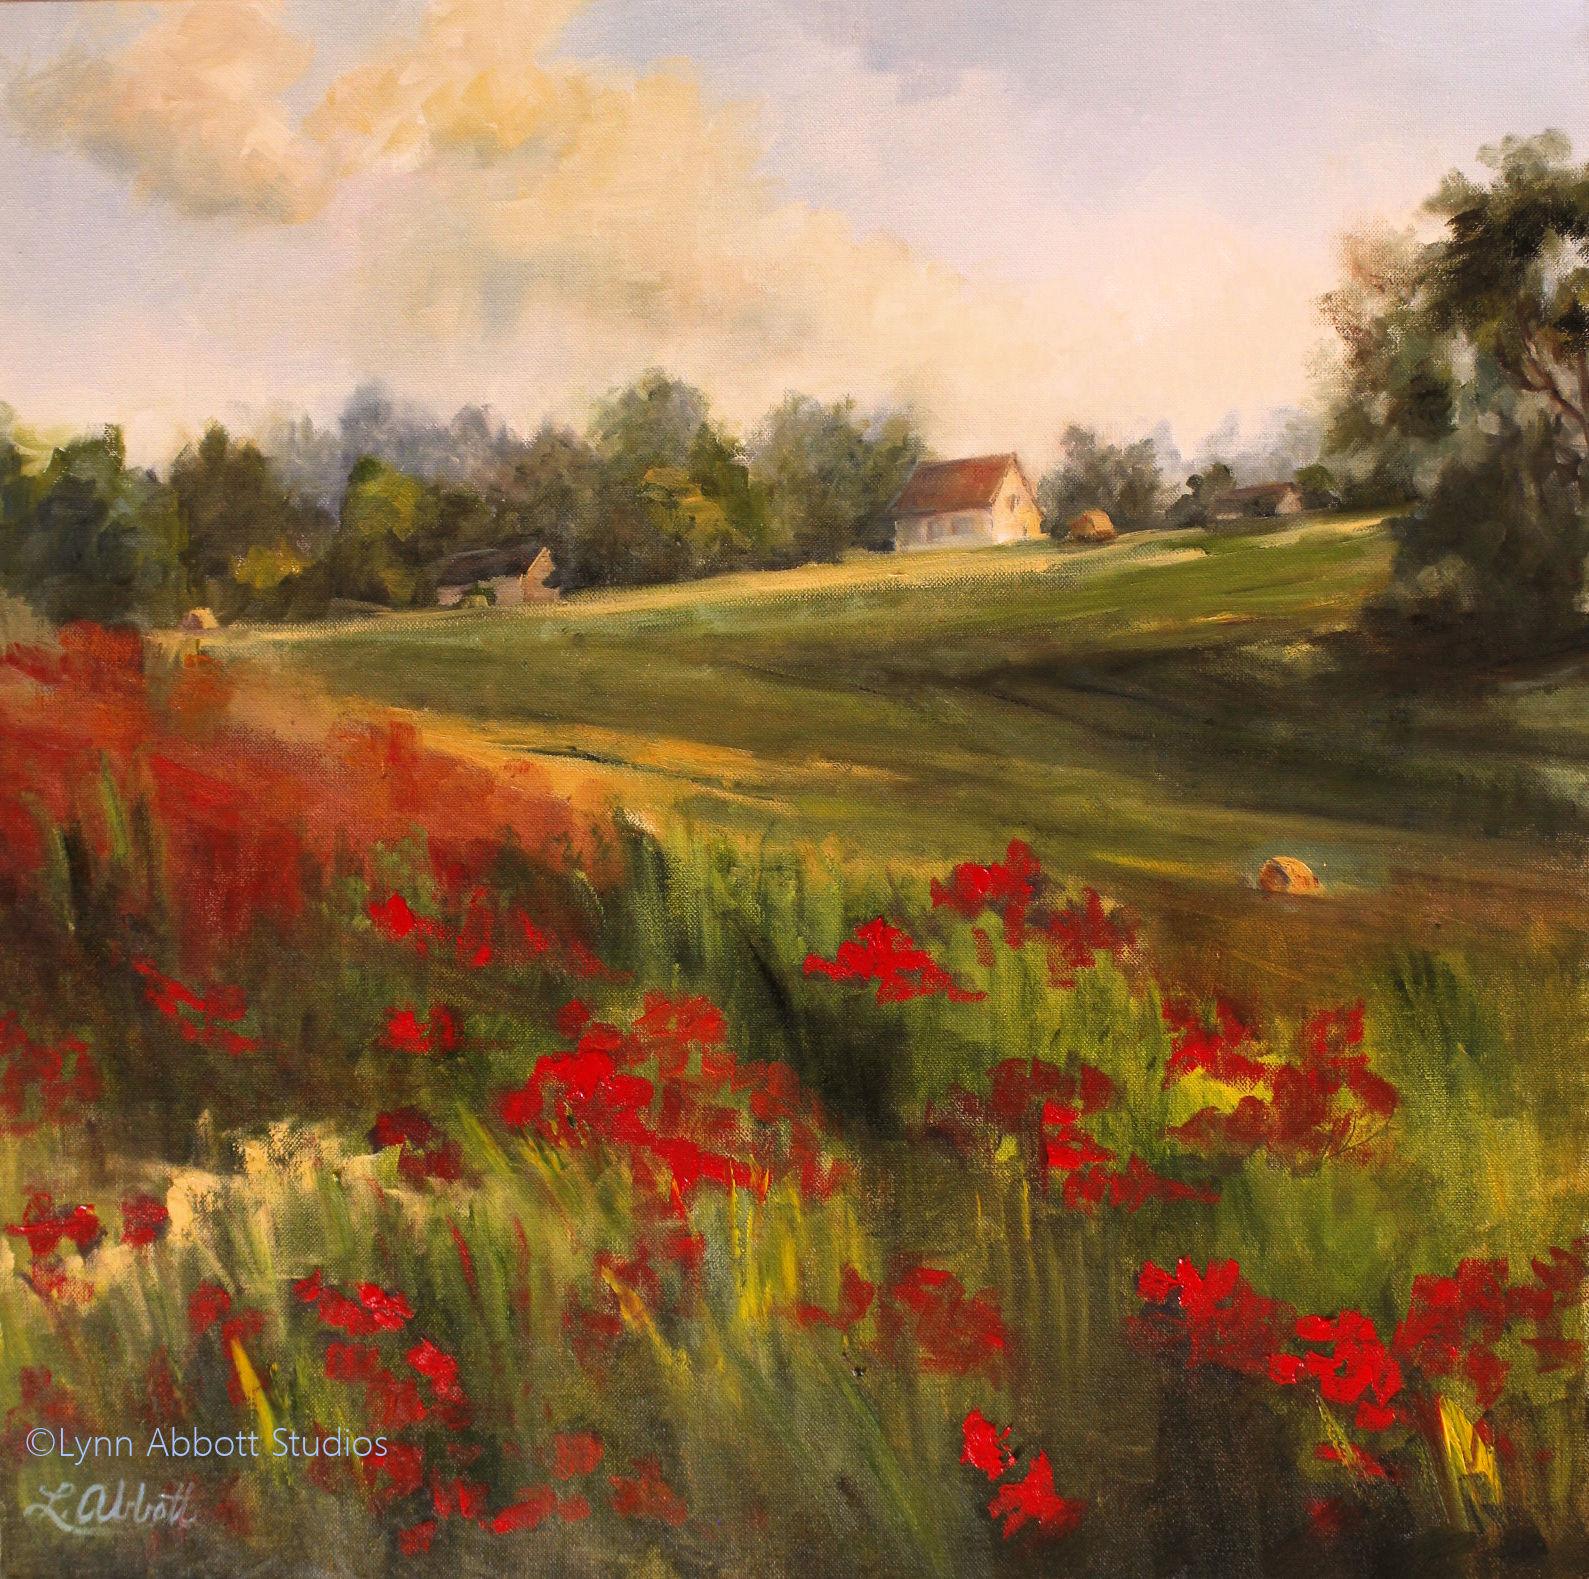 Poppies Forever, Lynn Abbott